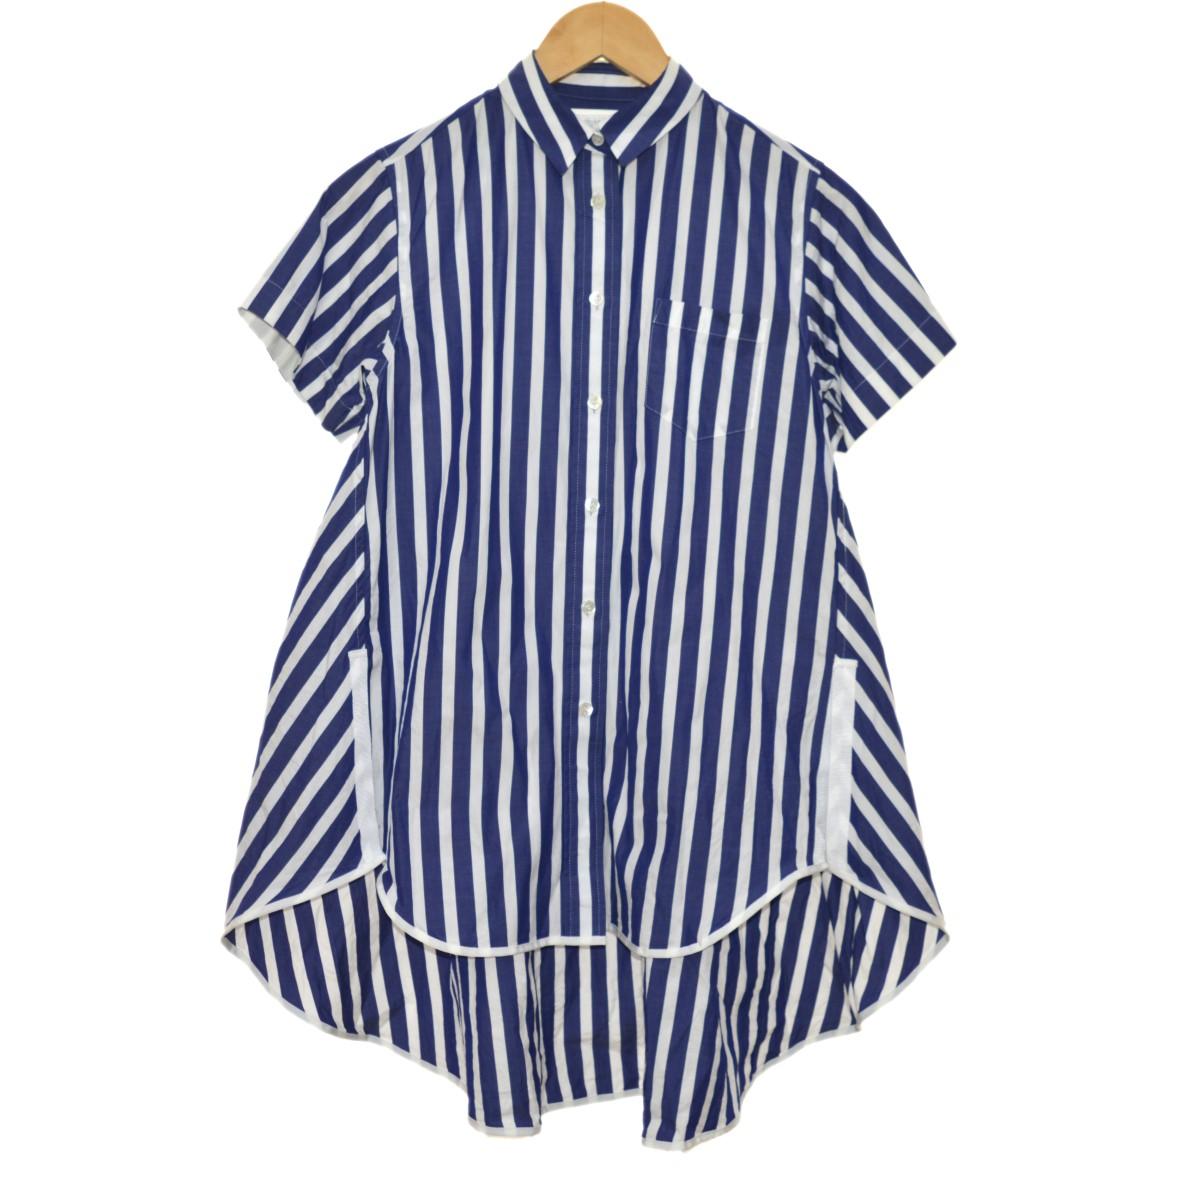 【中古】sacai 19SS 半袖ストライプシャツ ブルー×ネイビー サイズ:1 【220420】(サカイ)